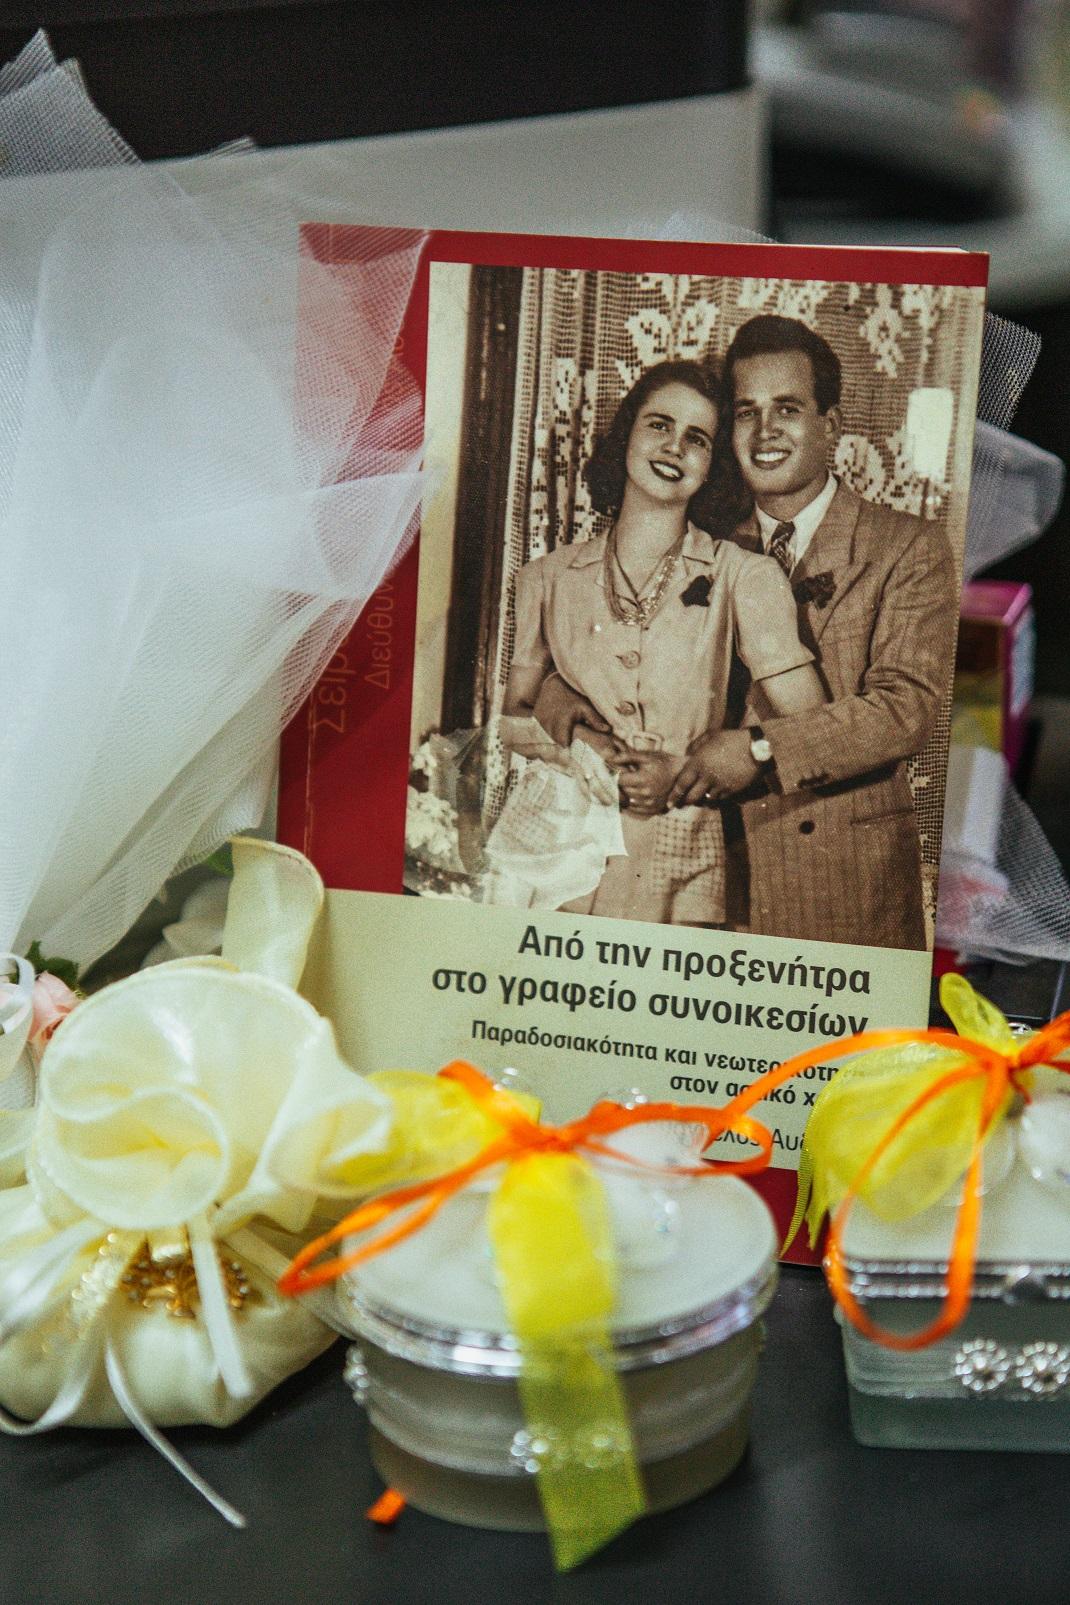 Μπομπονιέρες και φωτογραφία ζευγαριού από γραφείο συνοικεσίων